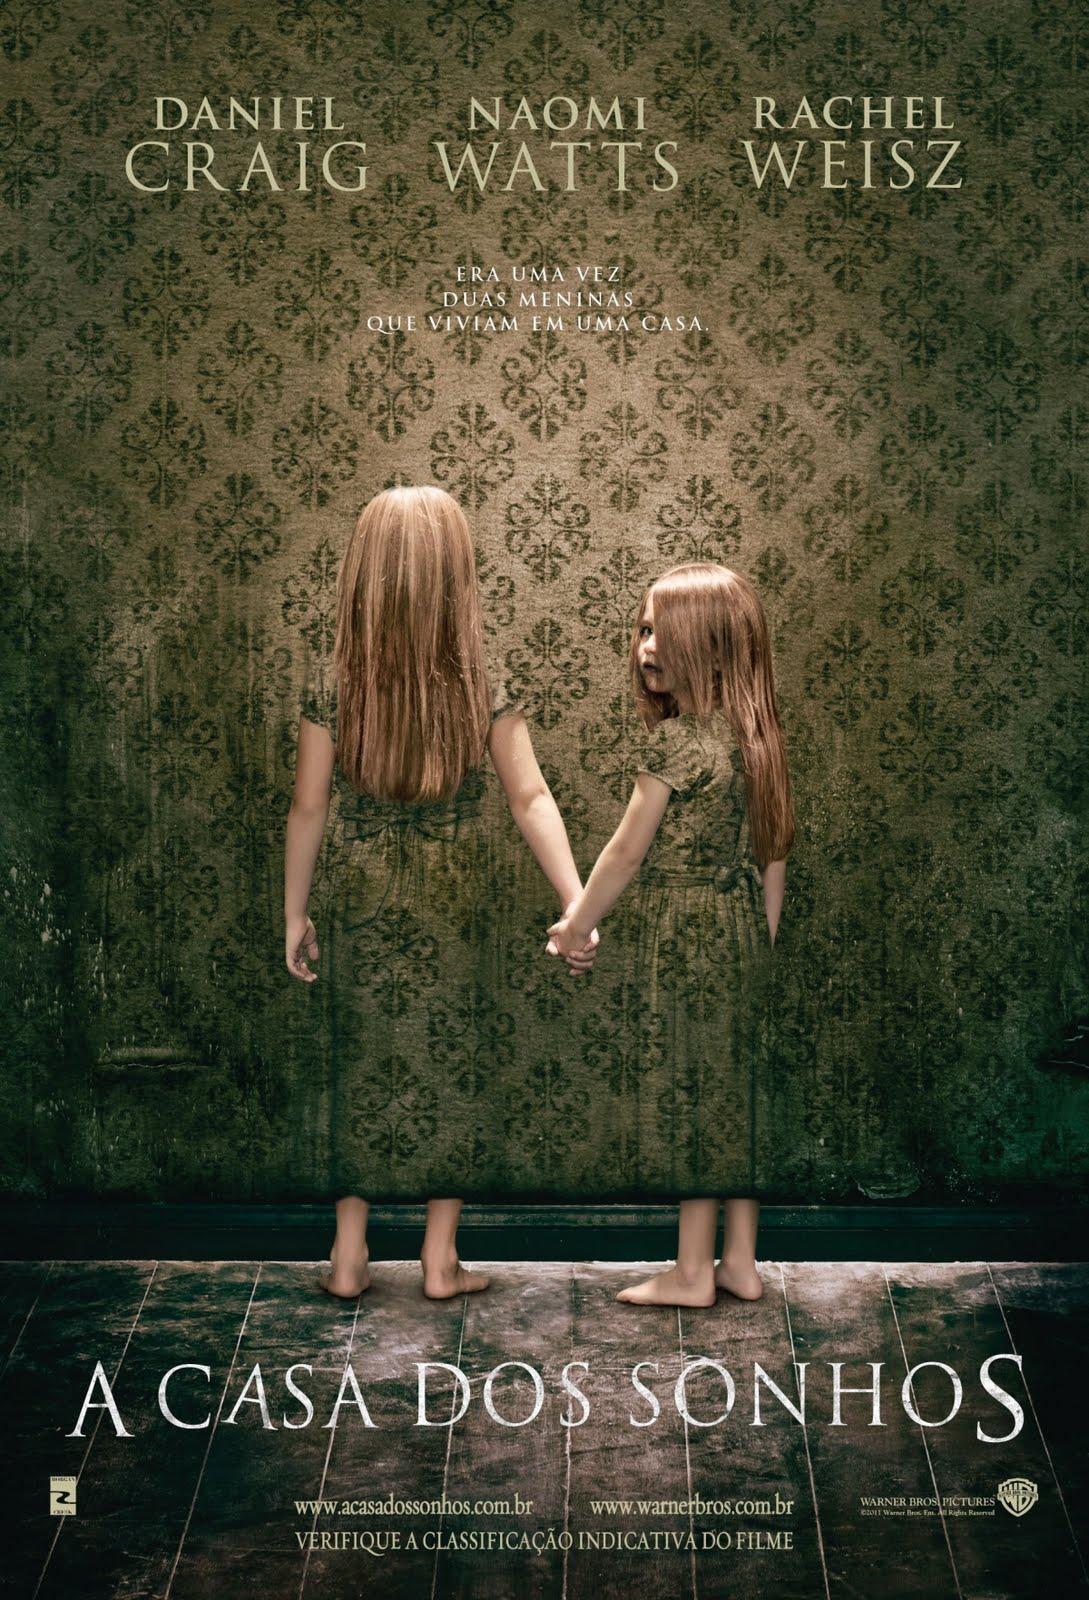 http://2.bp.blogspot.com/-sT8oKbgg8Hg/Tt4Awe1DwHI/AAAAAAAAAnk/GmMnHLDvA6U/s1600/a+casa+dos+sonhos+poster+nacional+2011+terror.jpg